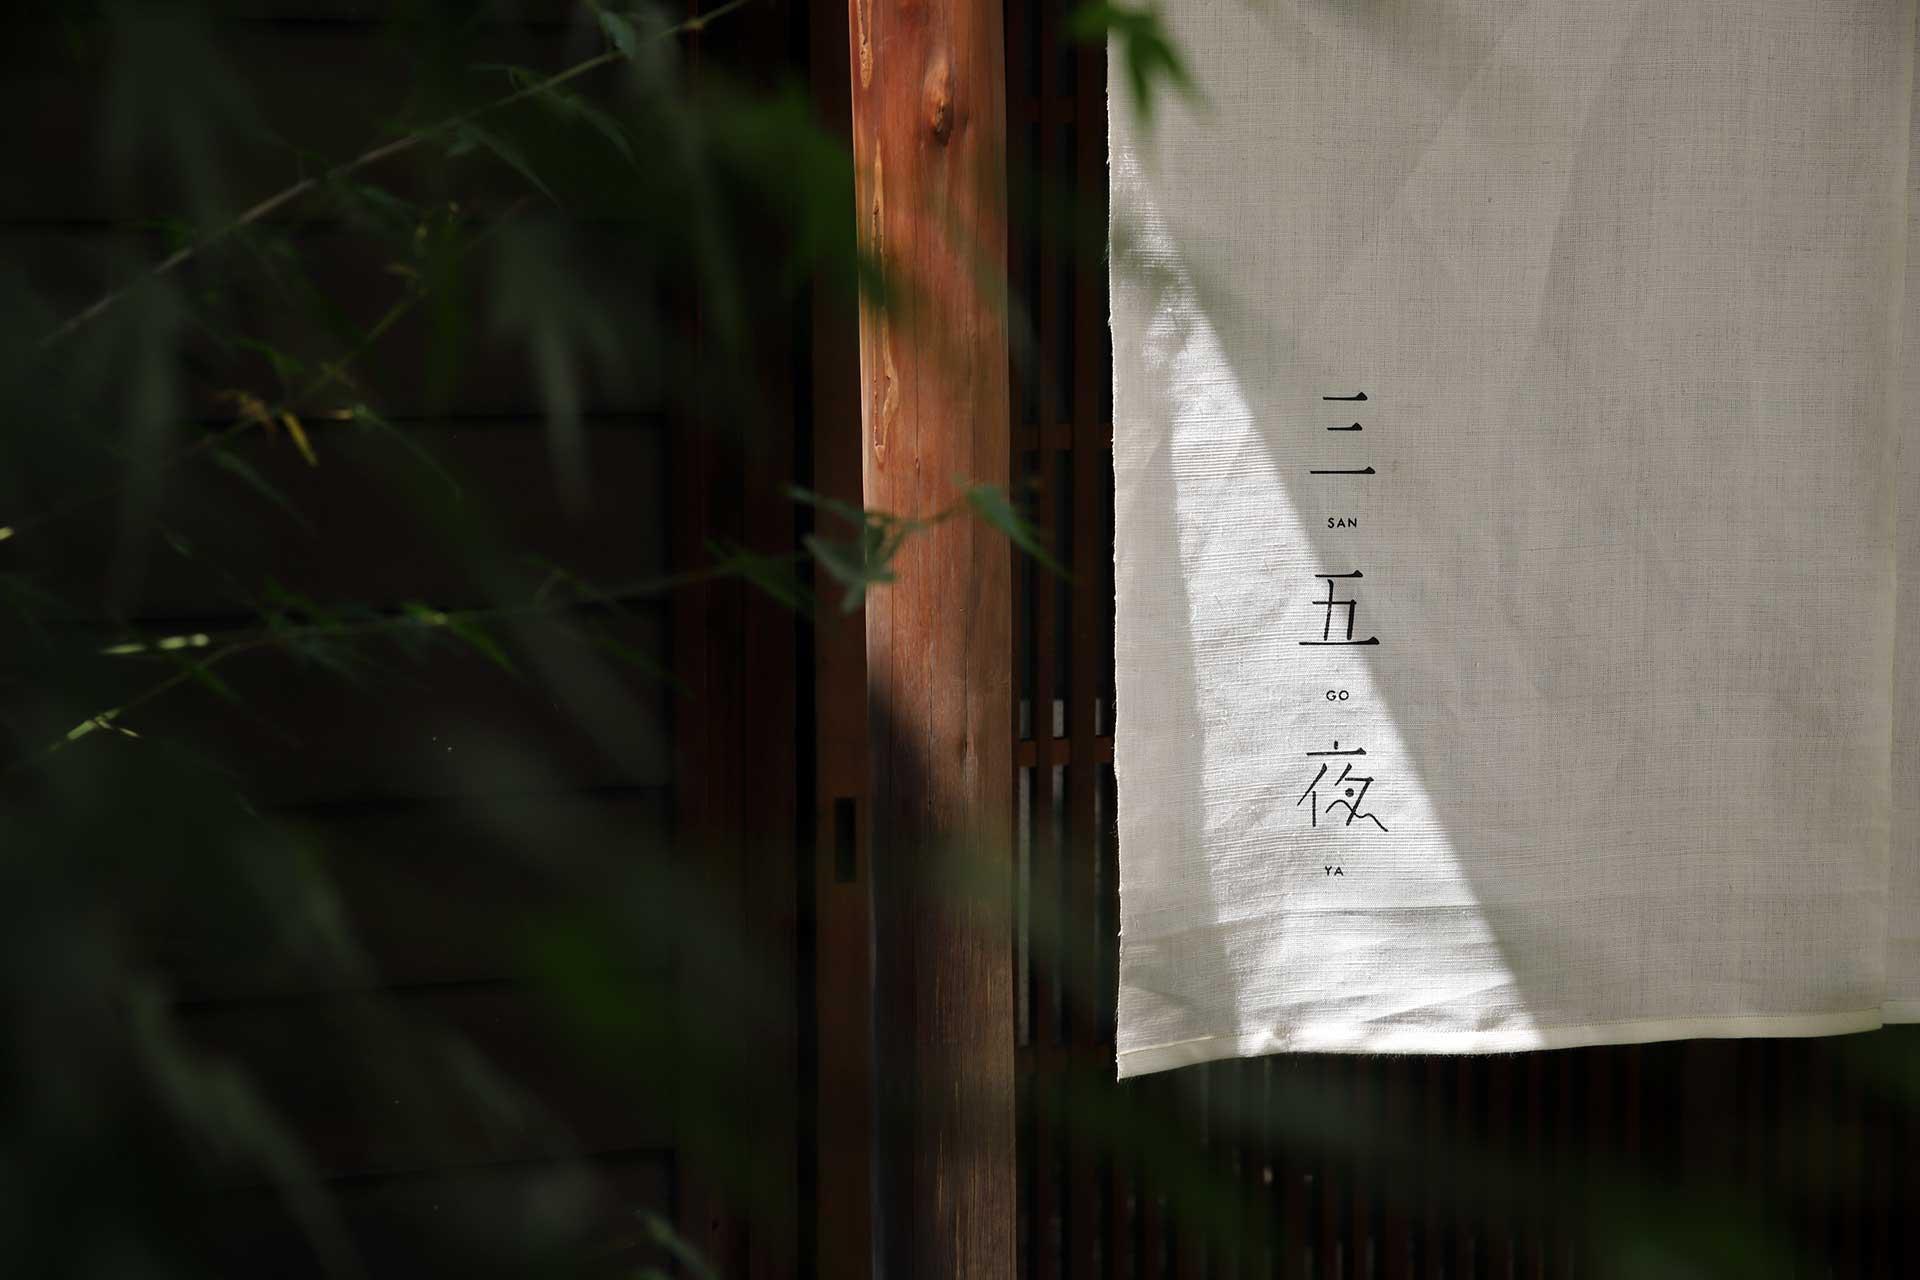 奈良 三五夜 古美術 奈良骨董 煎茶 茶道 月釜 茶会 サロン